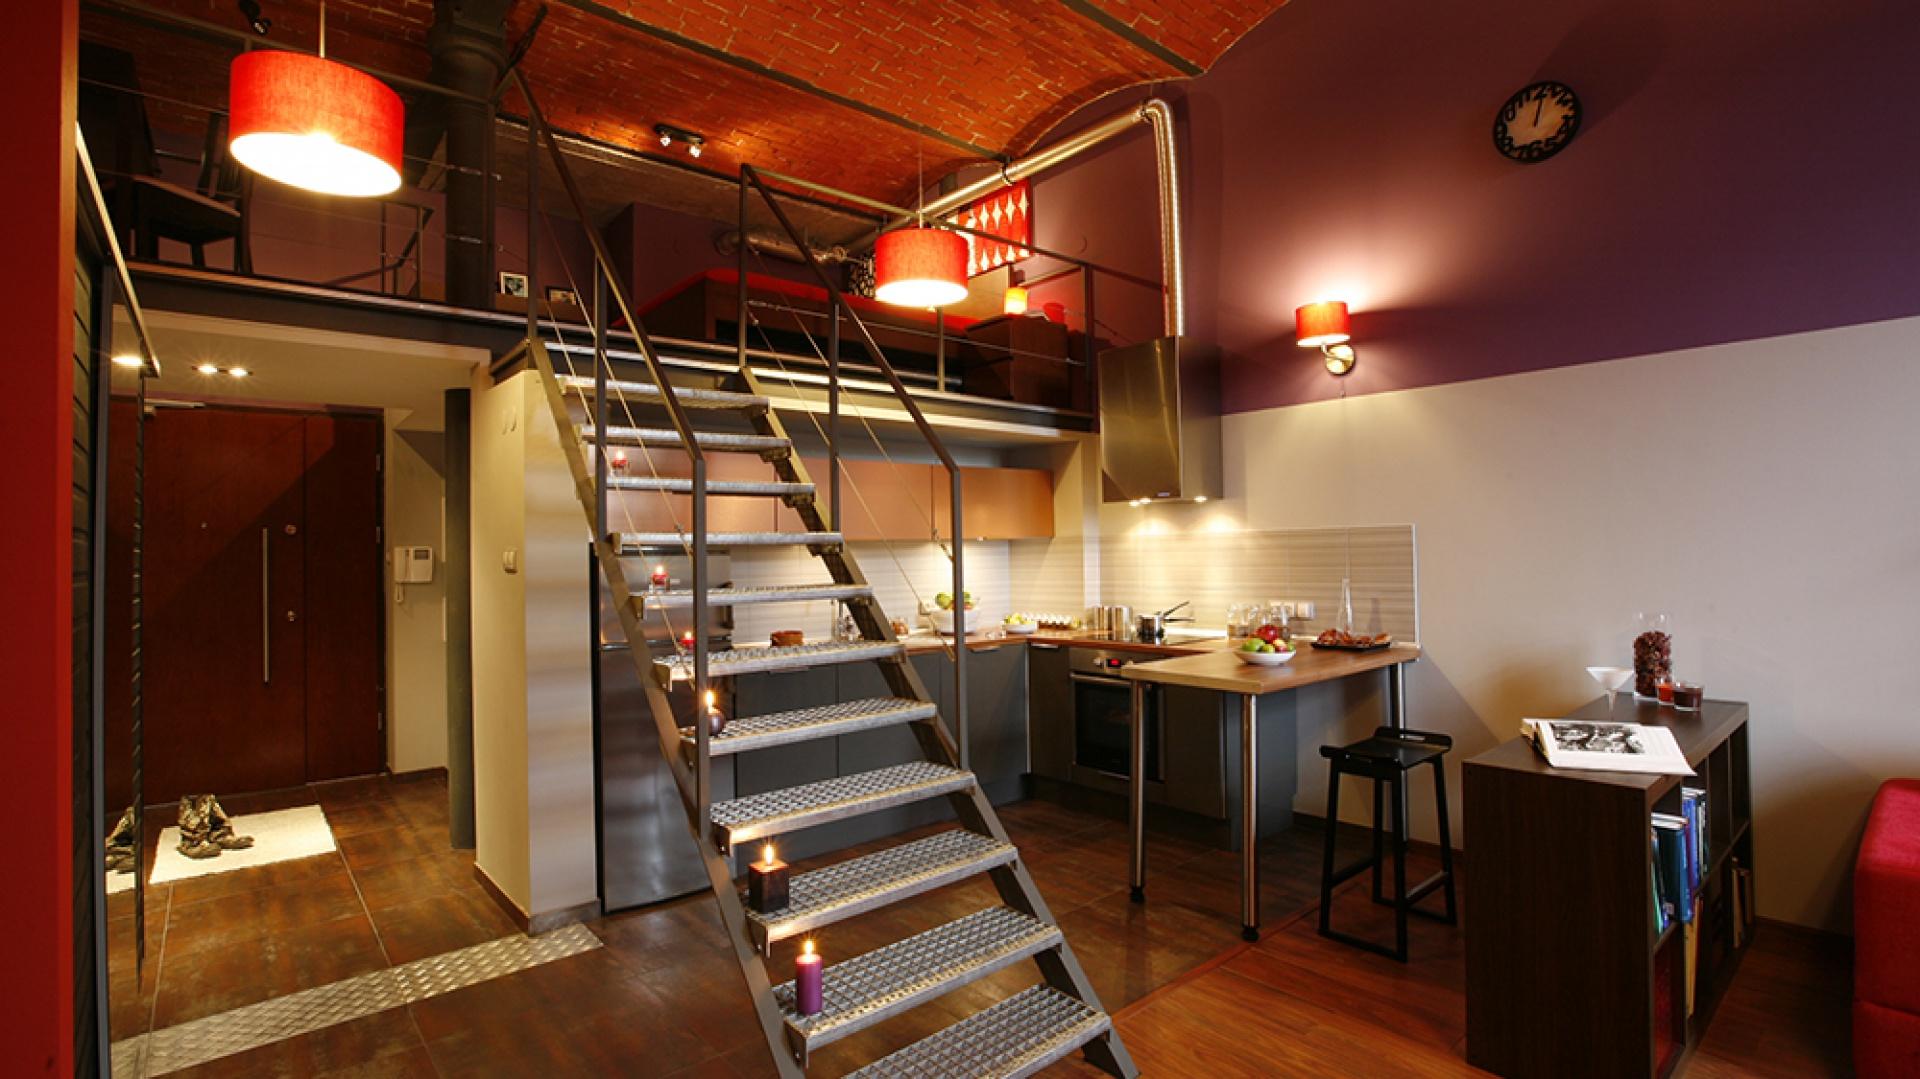 Stalowy kolor frontów szafek dolnych (MDF) tworzy doskonałe tło dla surowej konstrukcji stalowych schodów prowadzących na antresolę. Fot. Marcin Onufryjuk.